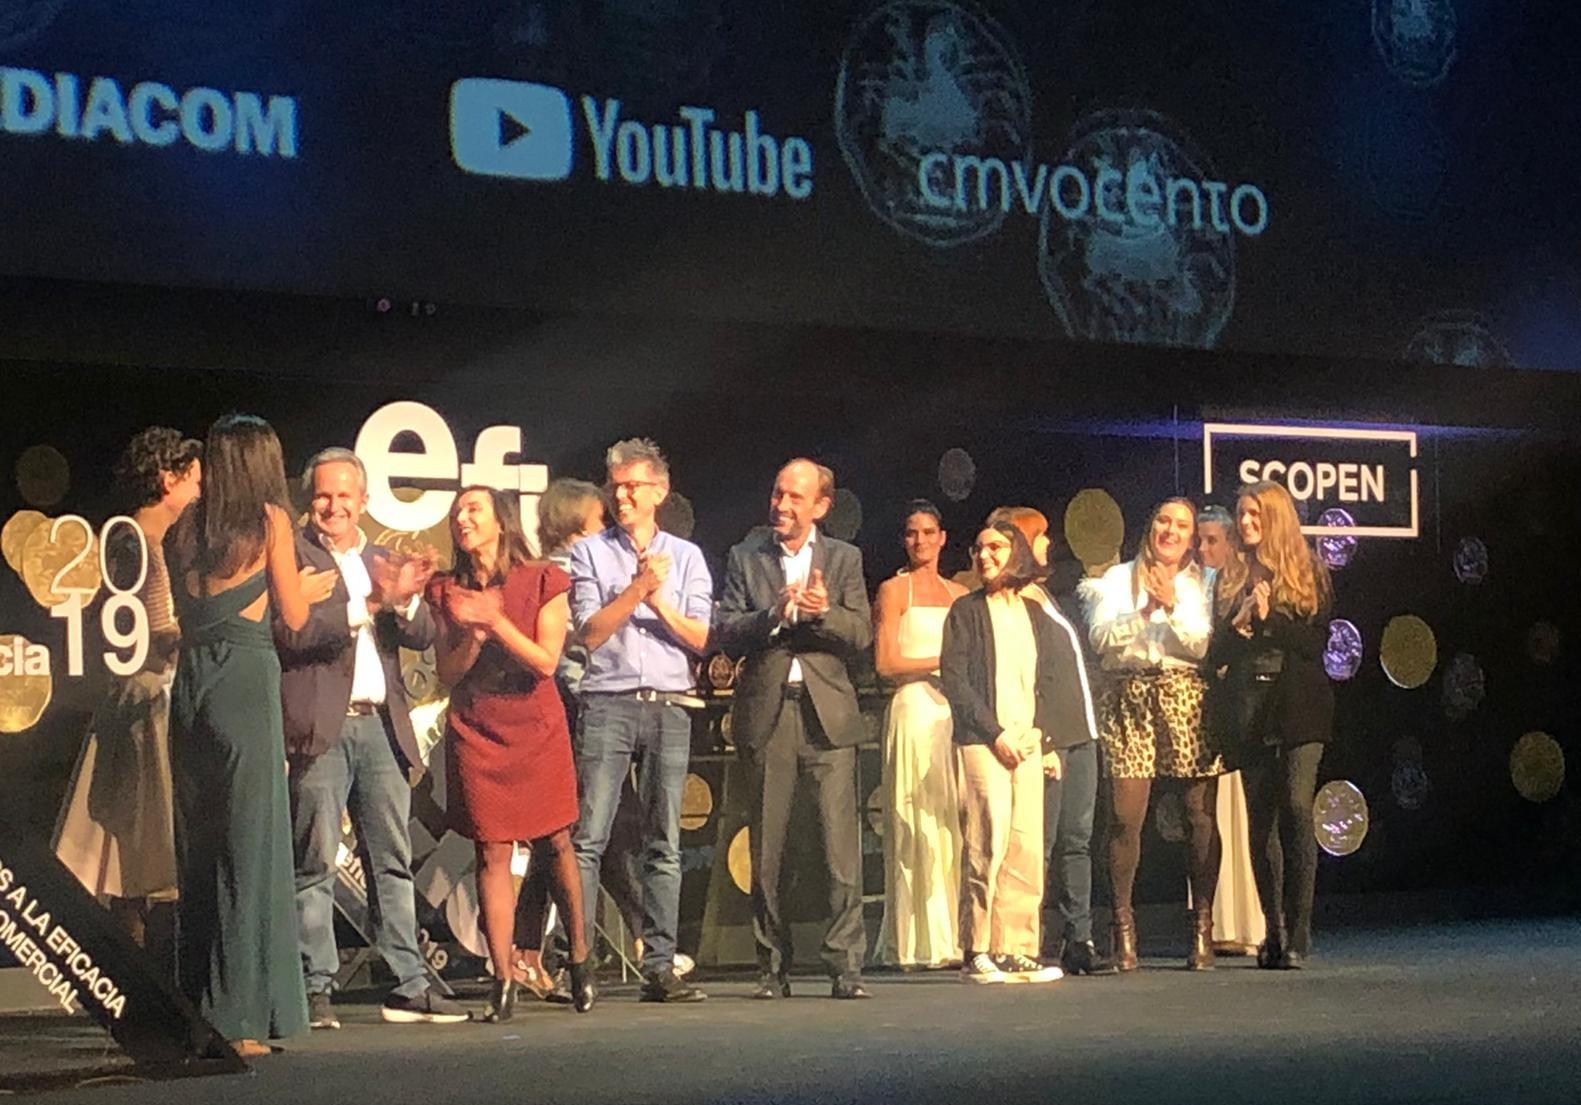 https://www.programapublicidad.com/wp-content/uploads/2020/06/Innuba-Spark-Foundry-Pienso-luego-actúo-branded-doing-oro-categoría-Relevancia-Social-de-una-Marca-programapublicidad.jpg